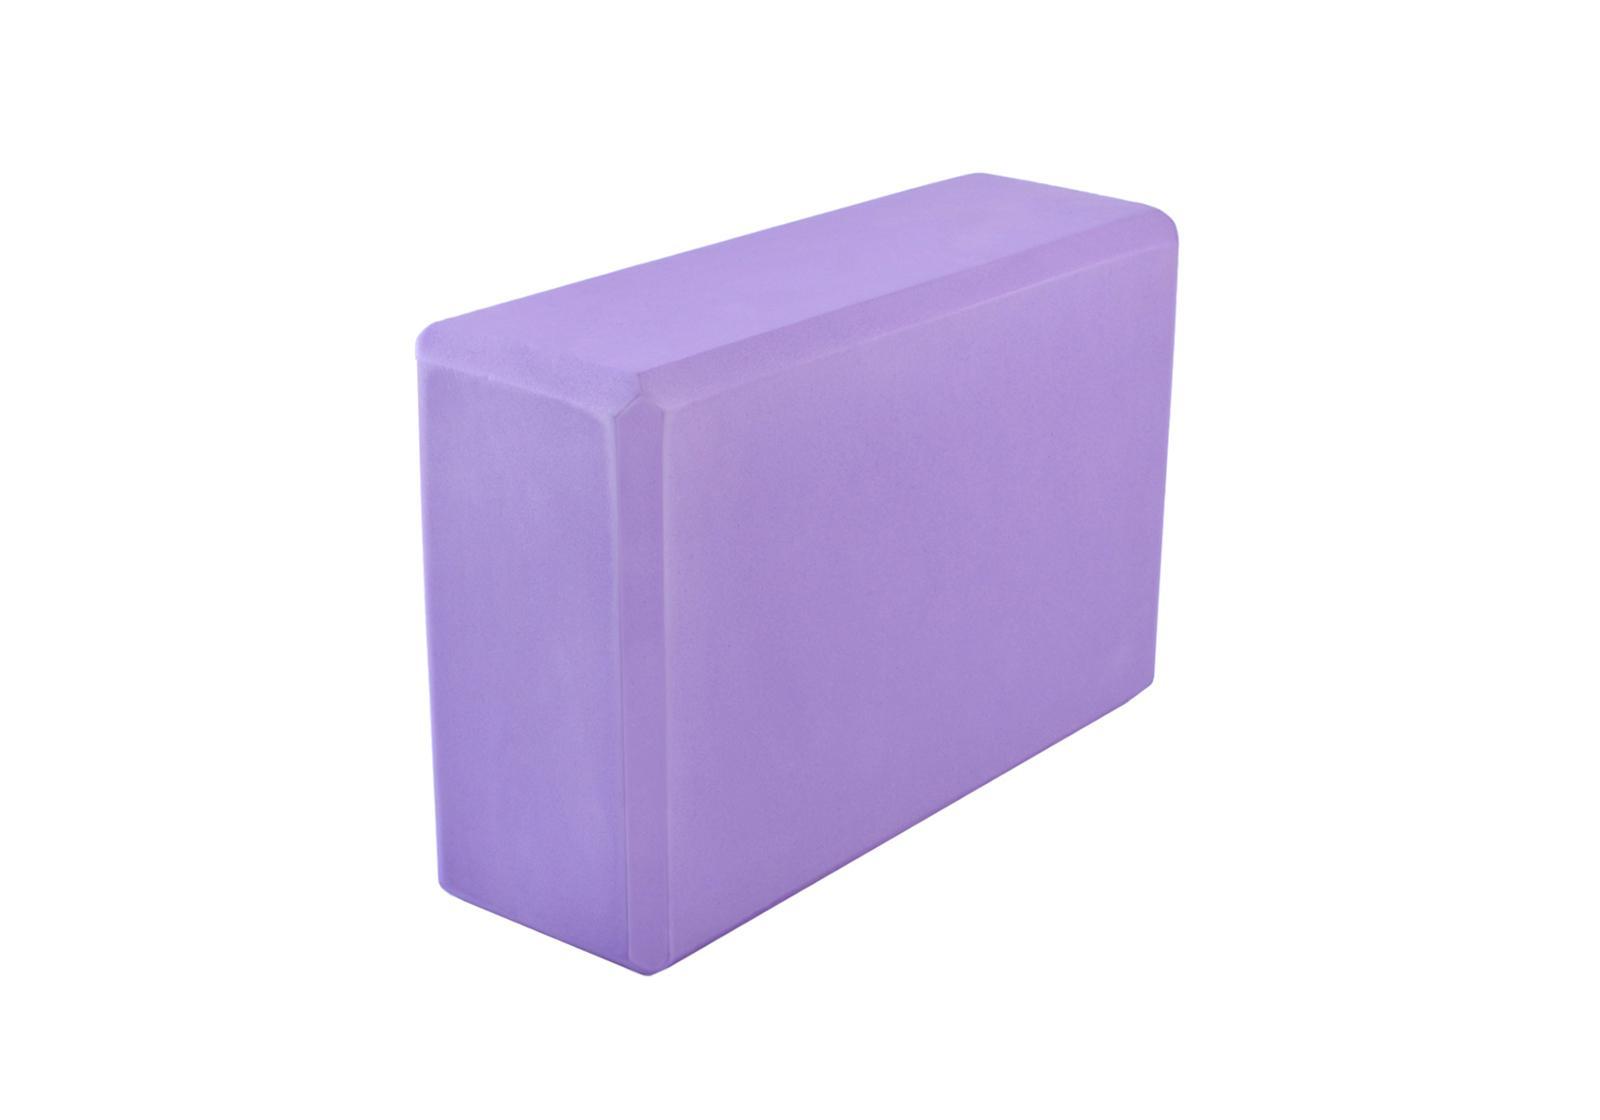 Фото Блок для йоги фиолетовый